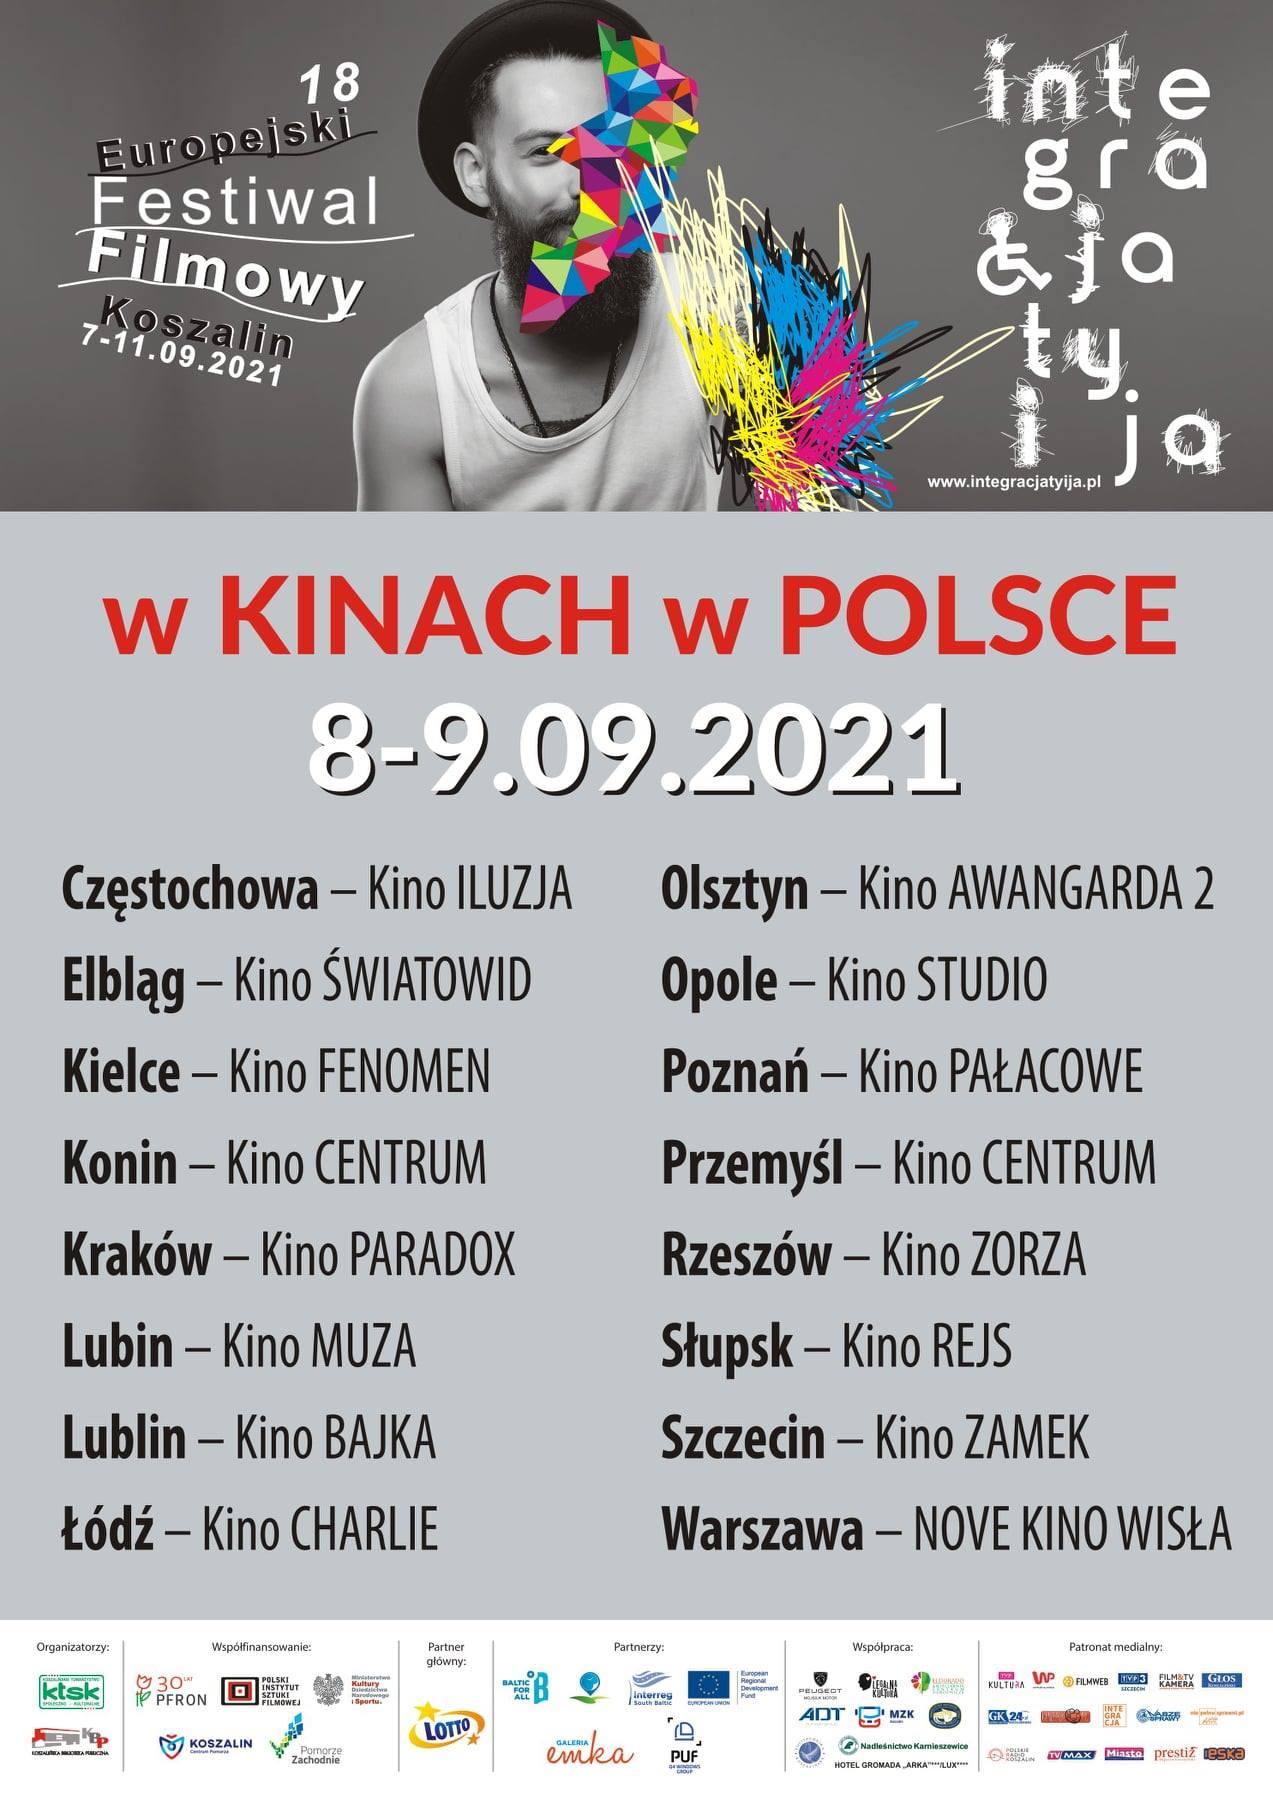 18. Europejski Festiwal Filmowy INTEGRACJA TY i JA 2021 - www.integracjatyija.pl